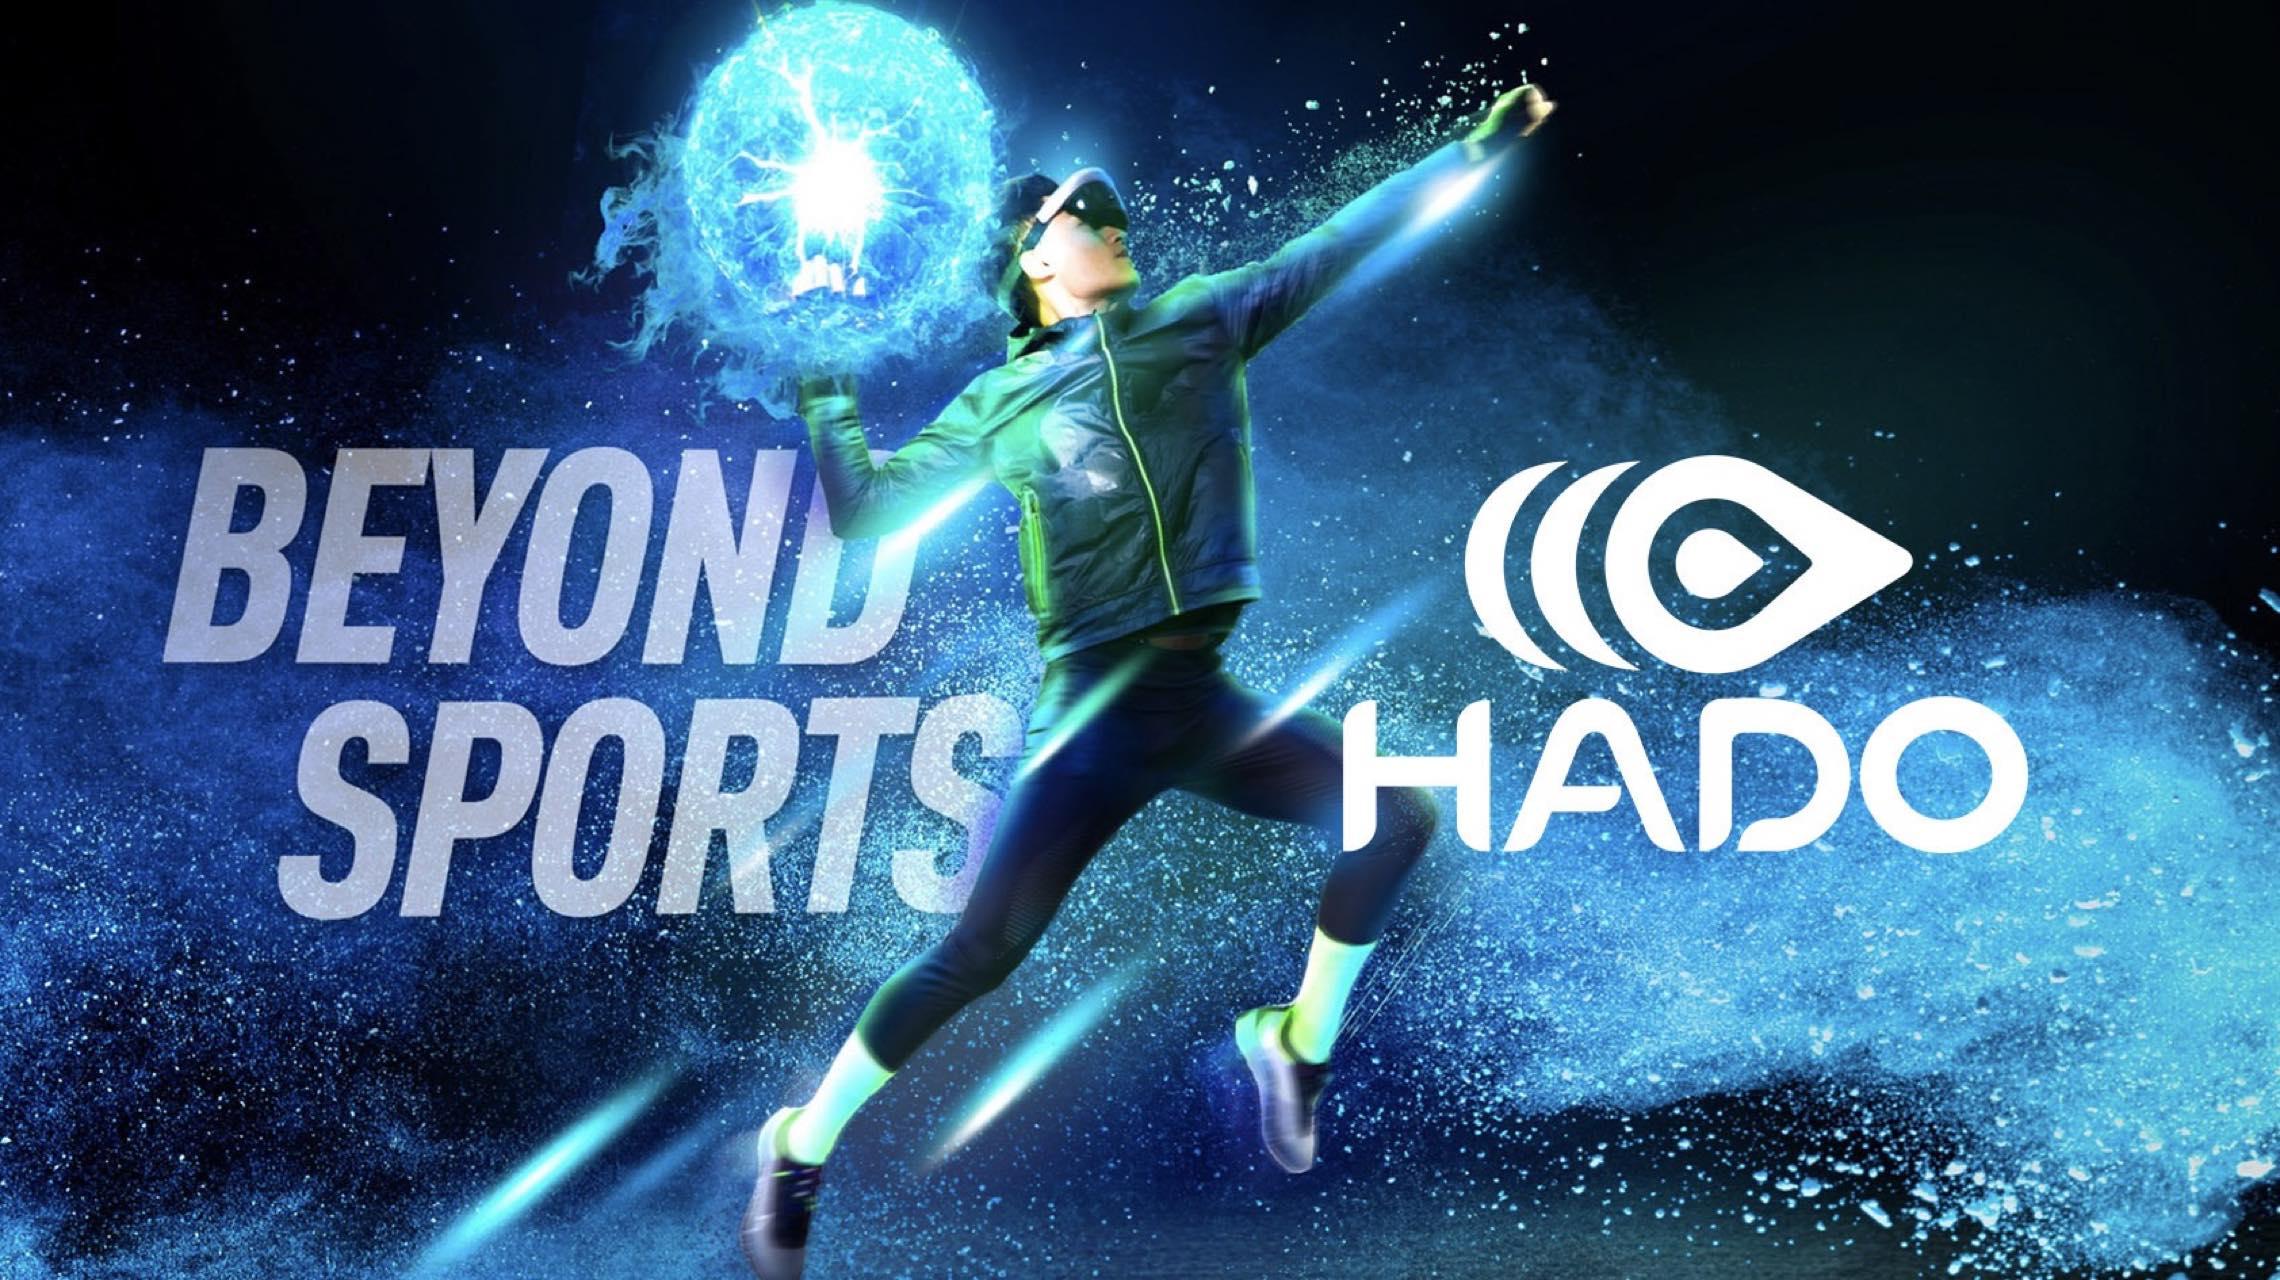 まるでアニメ!?波動を打つ夢を現実に。新時代のボーダレスなスポーツ「HADO」